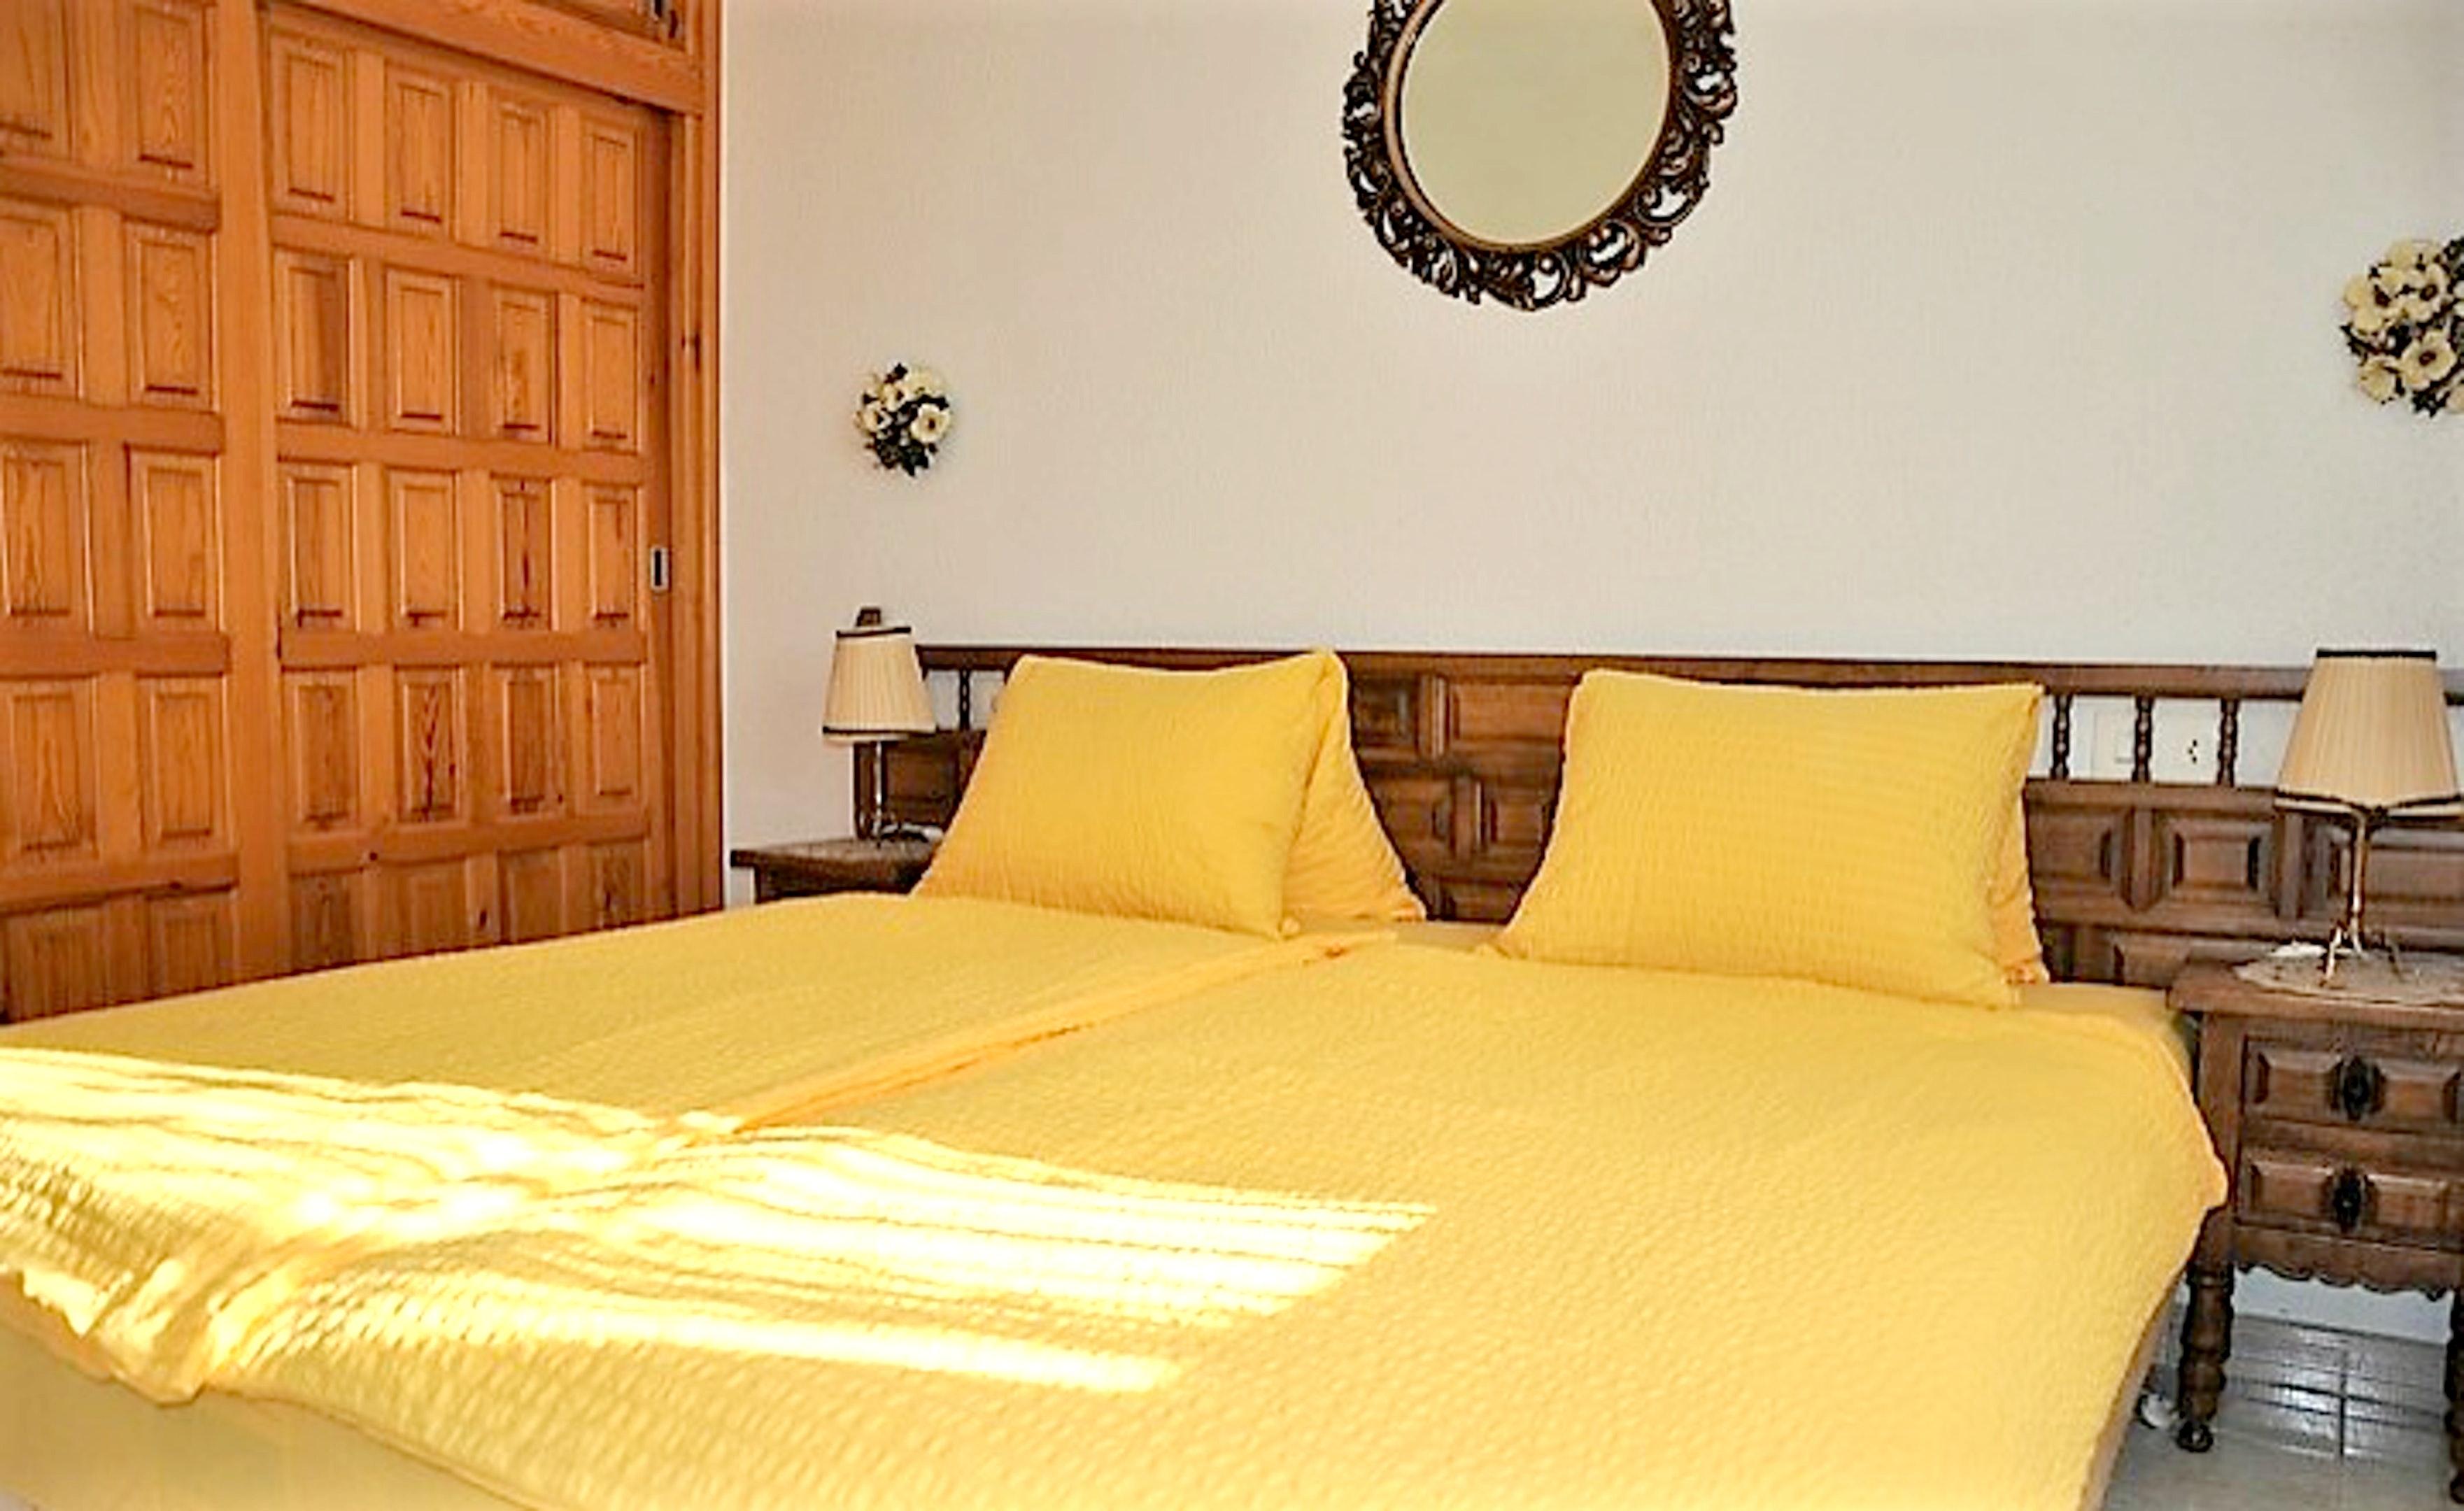 Ferienhaus Villa mit 3 Schlafzimmern in Ampolla mit herrlichem Meerblick, privatem Pool, möbliertem G (2201036), L'Ampolla, Costa Dorada, Katalonien, Spanien, Bild 12